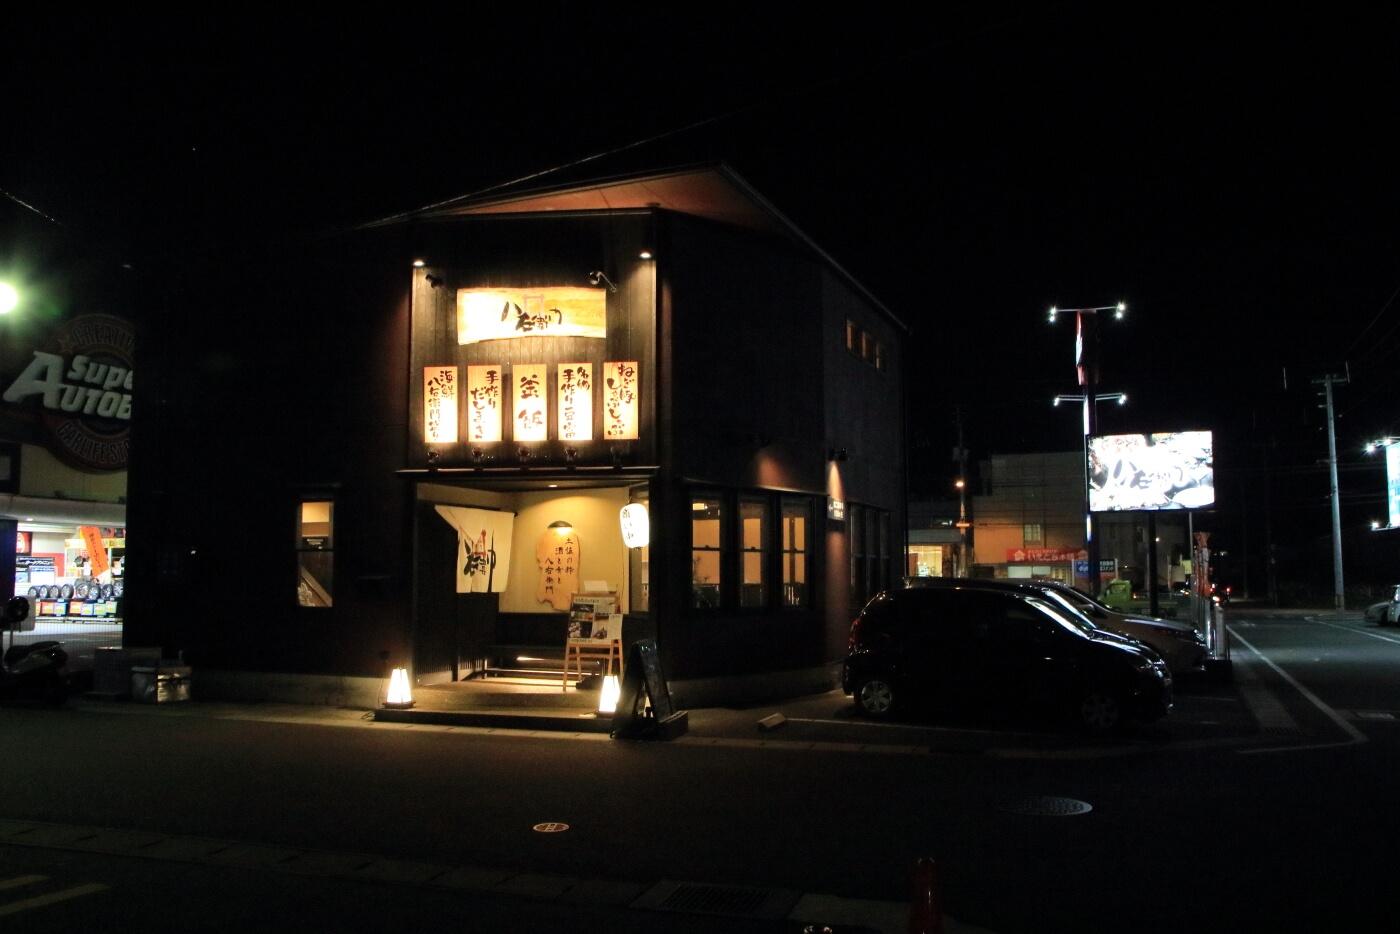 高知市の居酒屋 土佐八右衛門(とさはちえもん) 外観